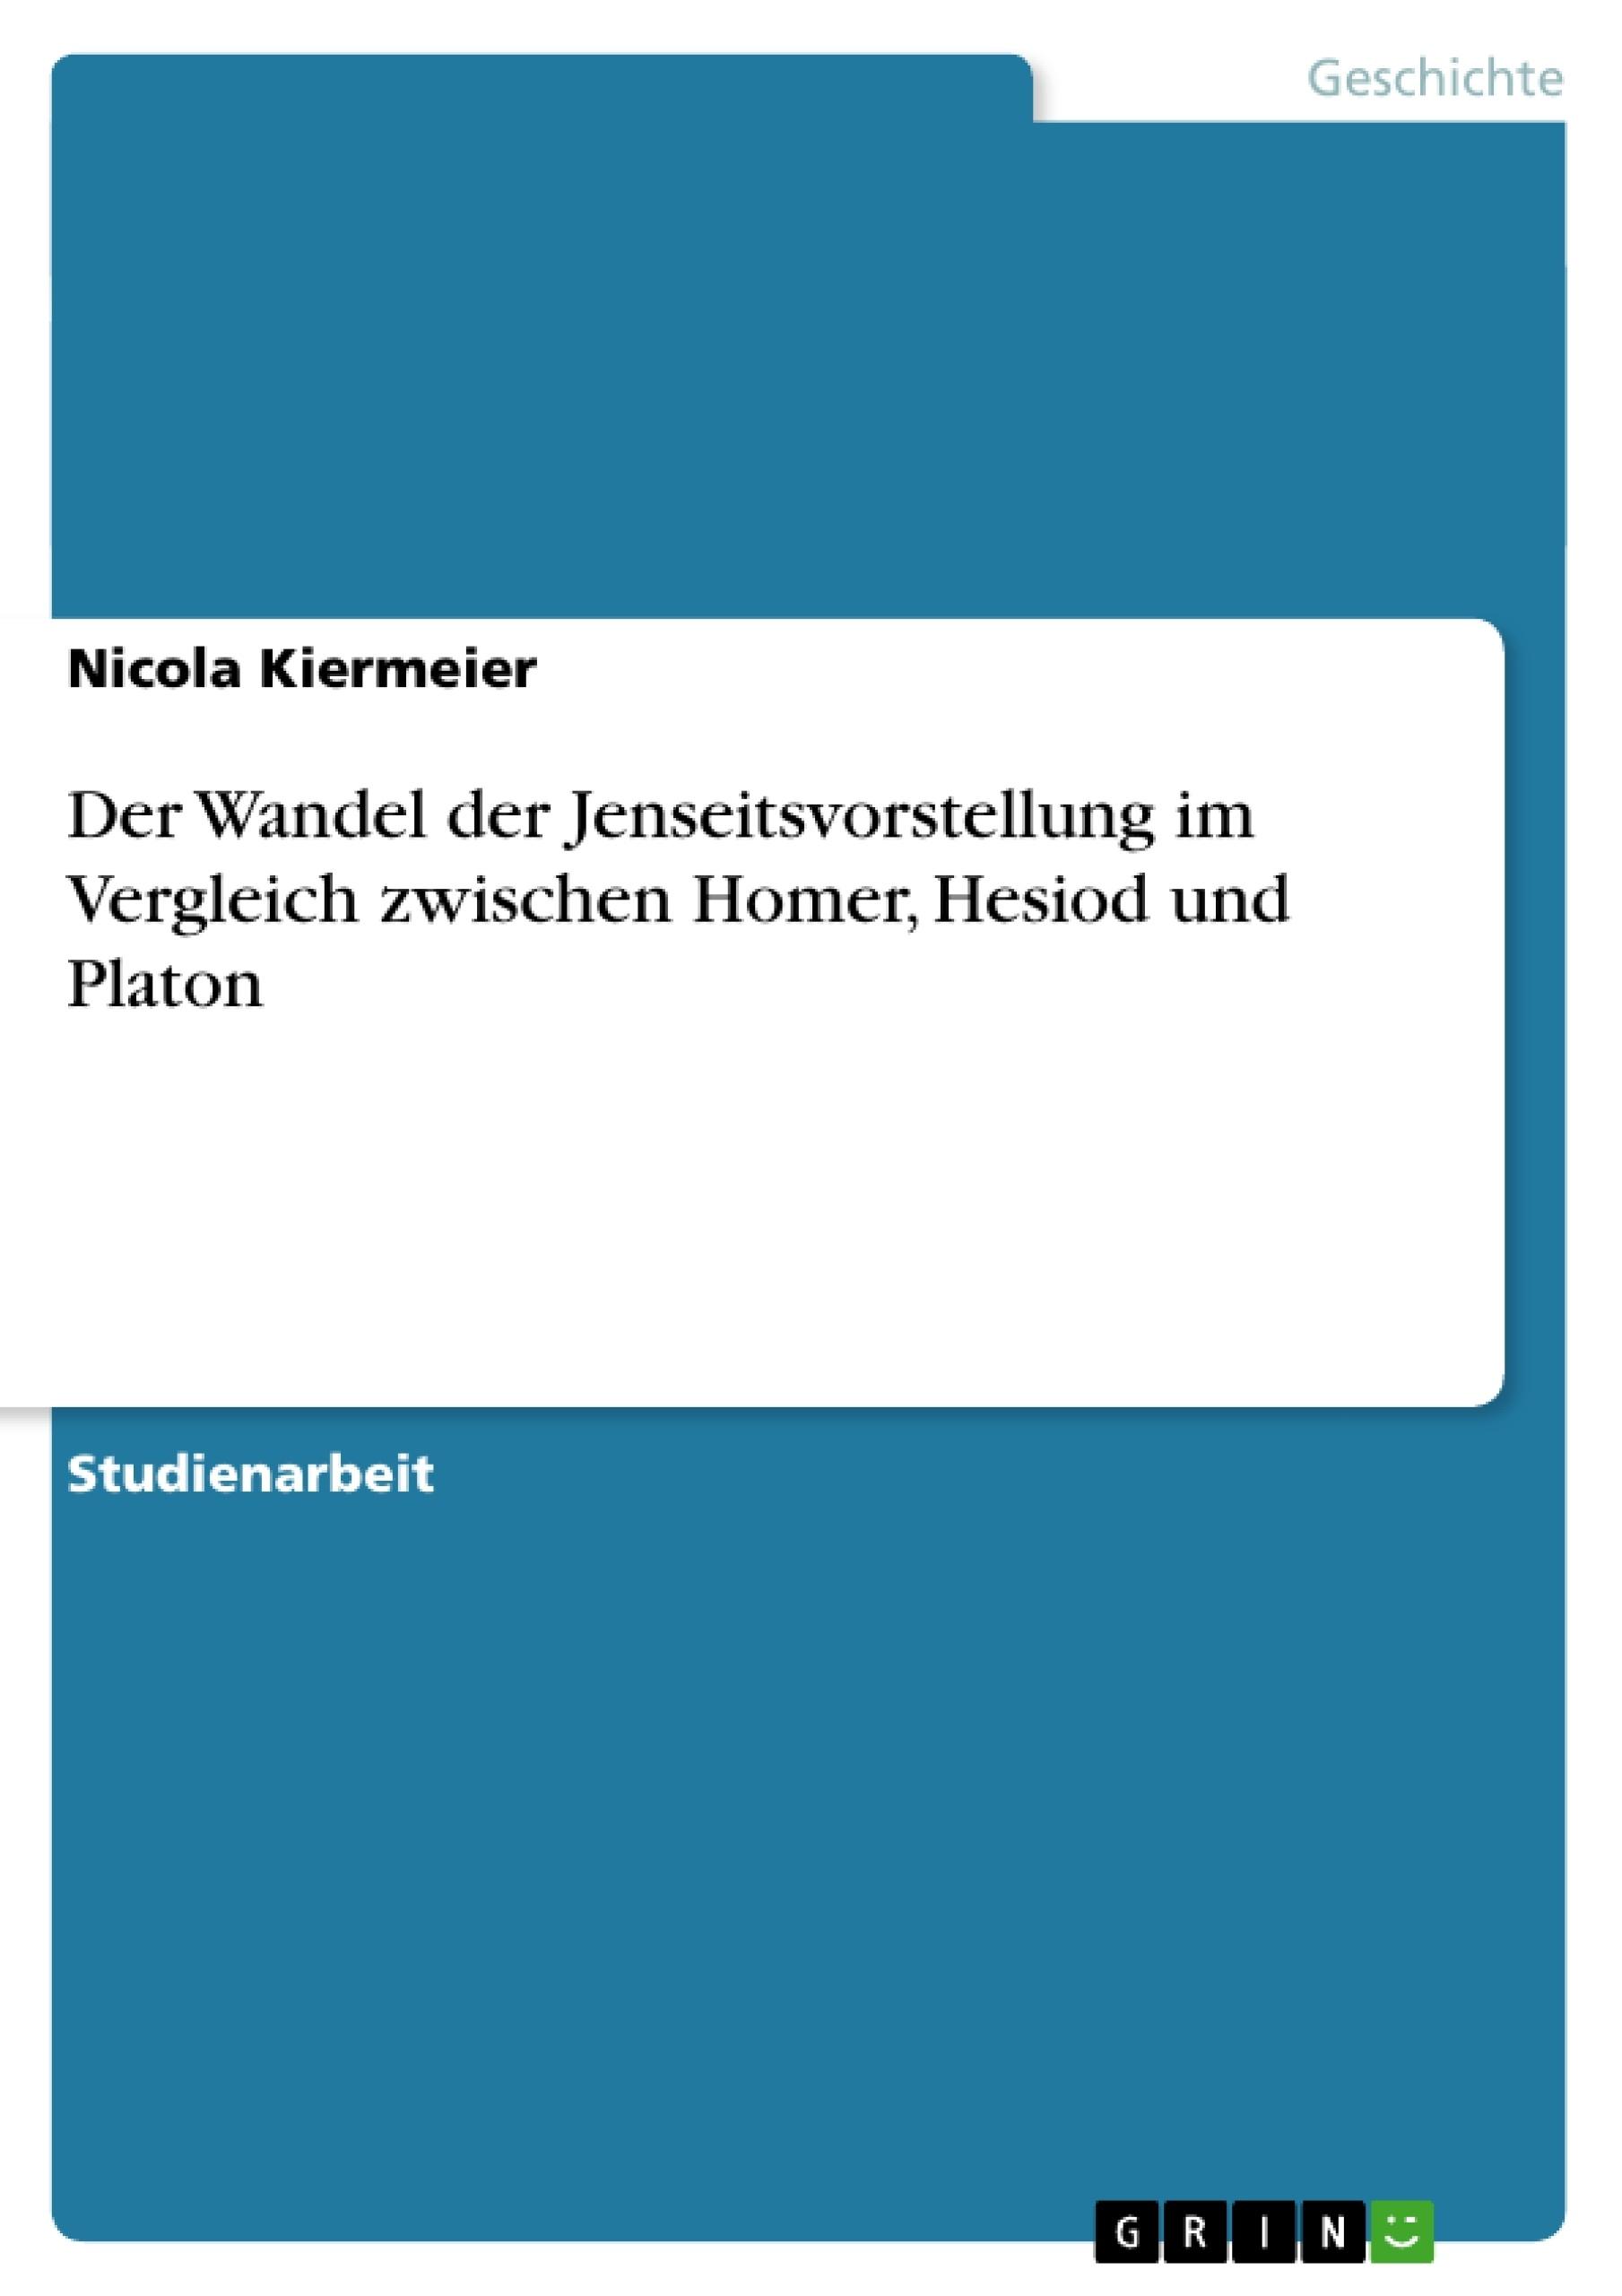 Titel: Der Wandel der Jenseitsvorstellung im Vergleich zwischen Homer, Hesiod und Platon